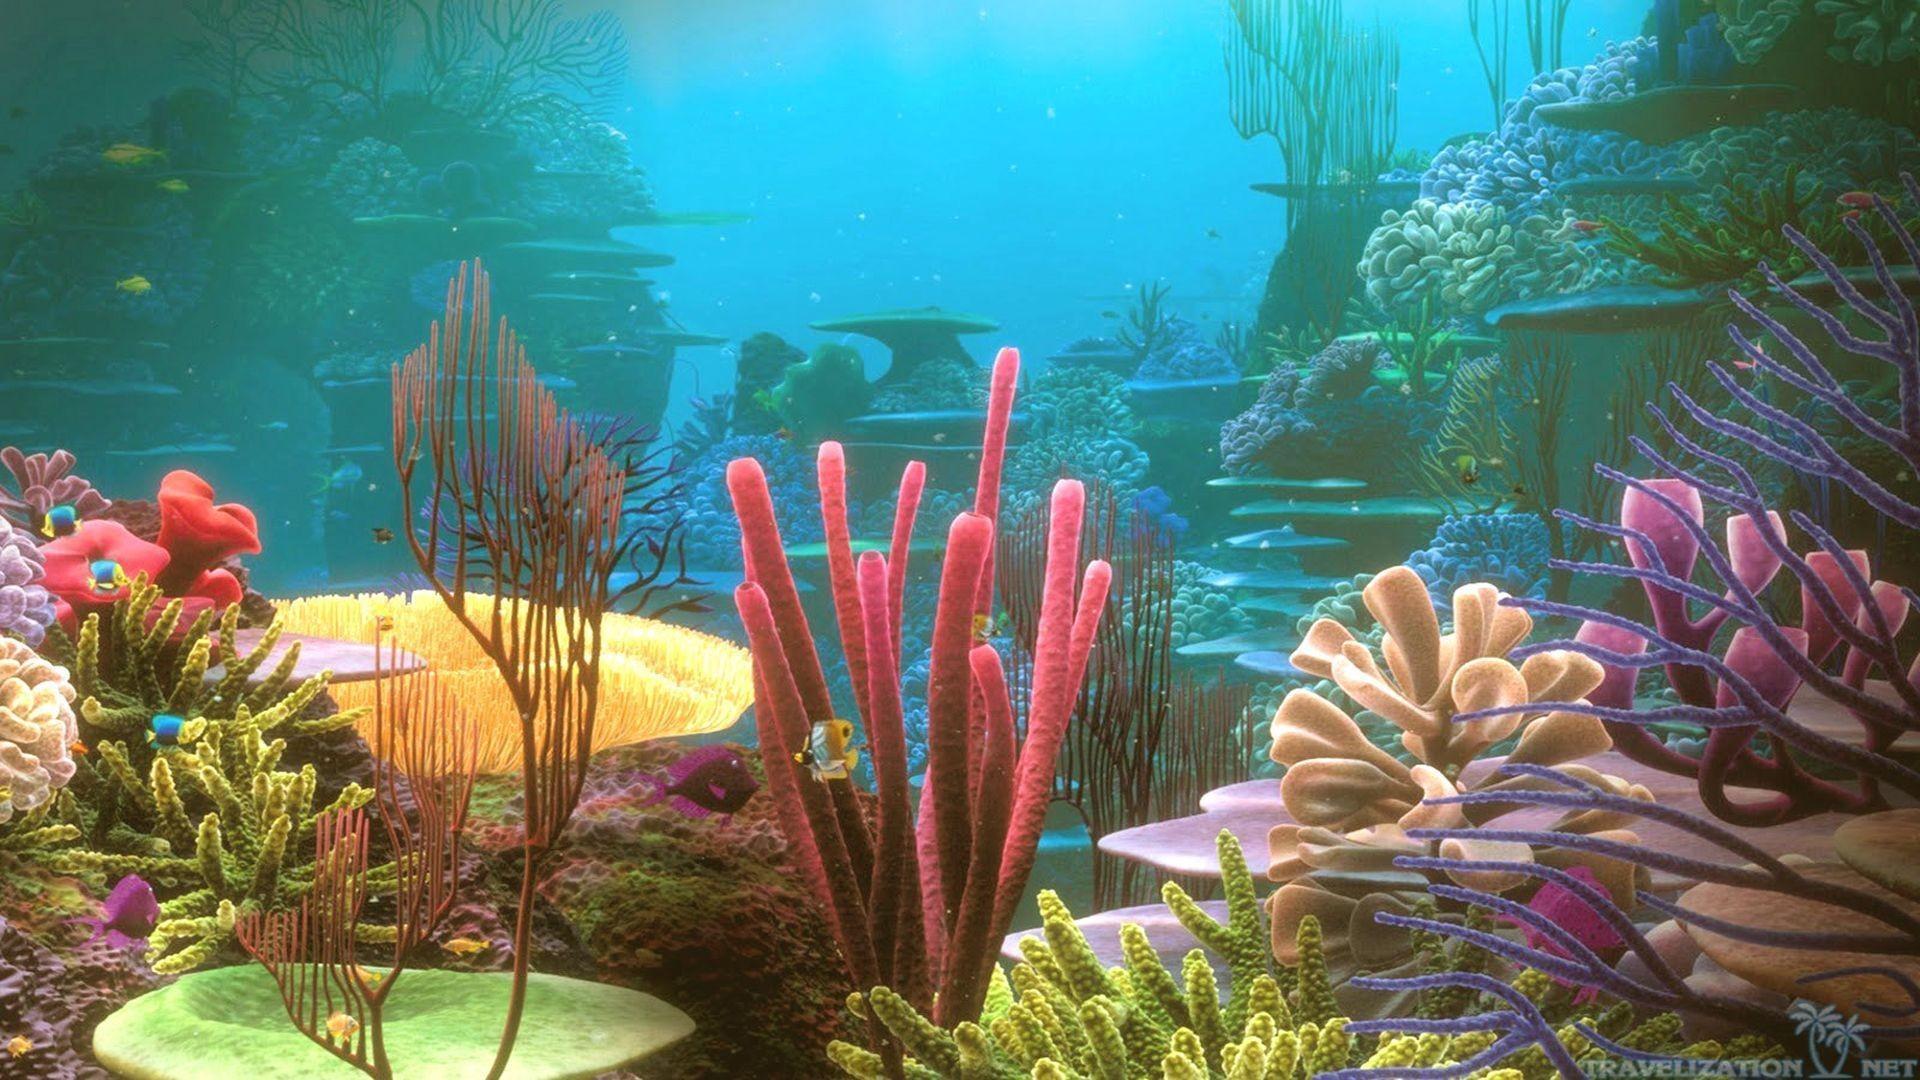 Colorful Coral Reef Desktop, Under Water Wallpaper, hd phone .